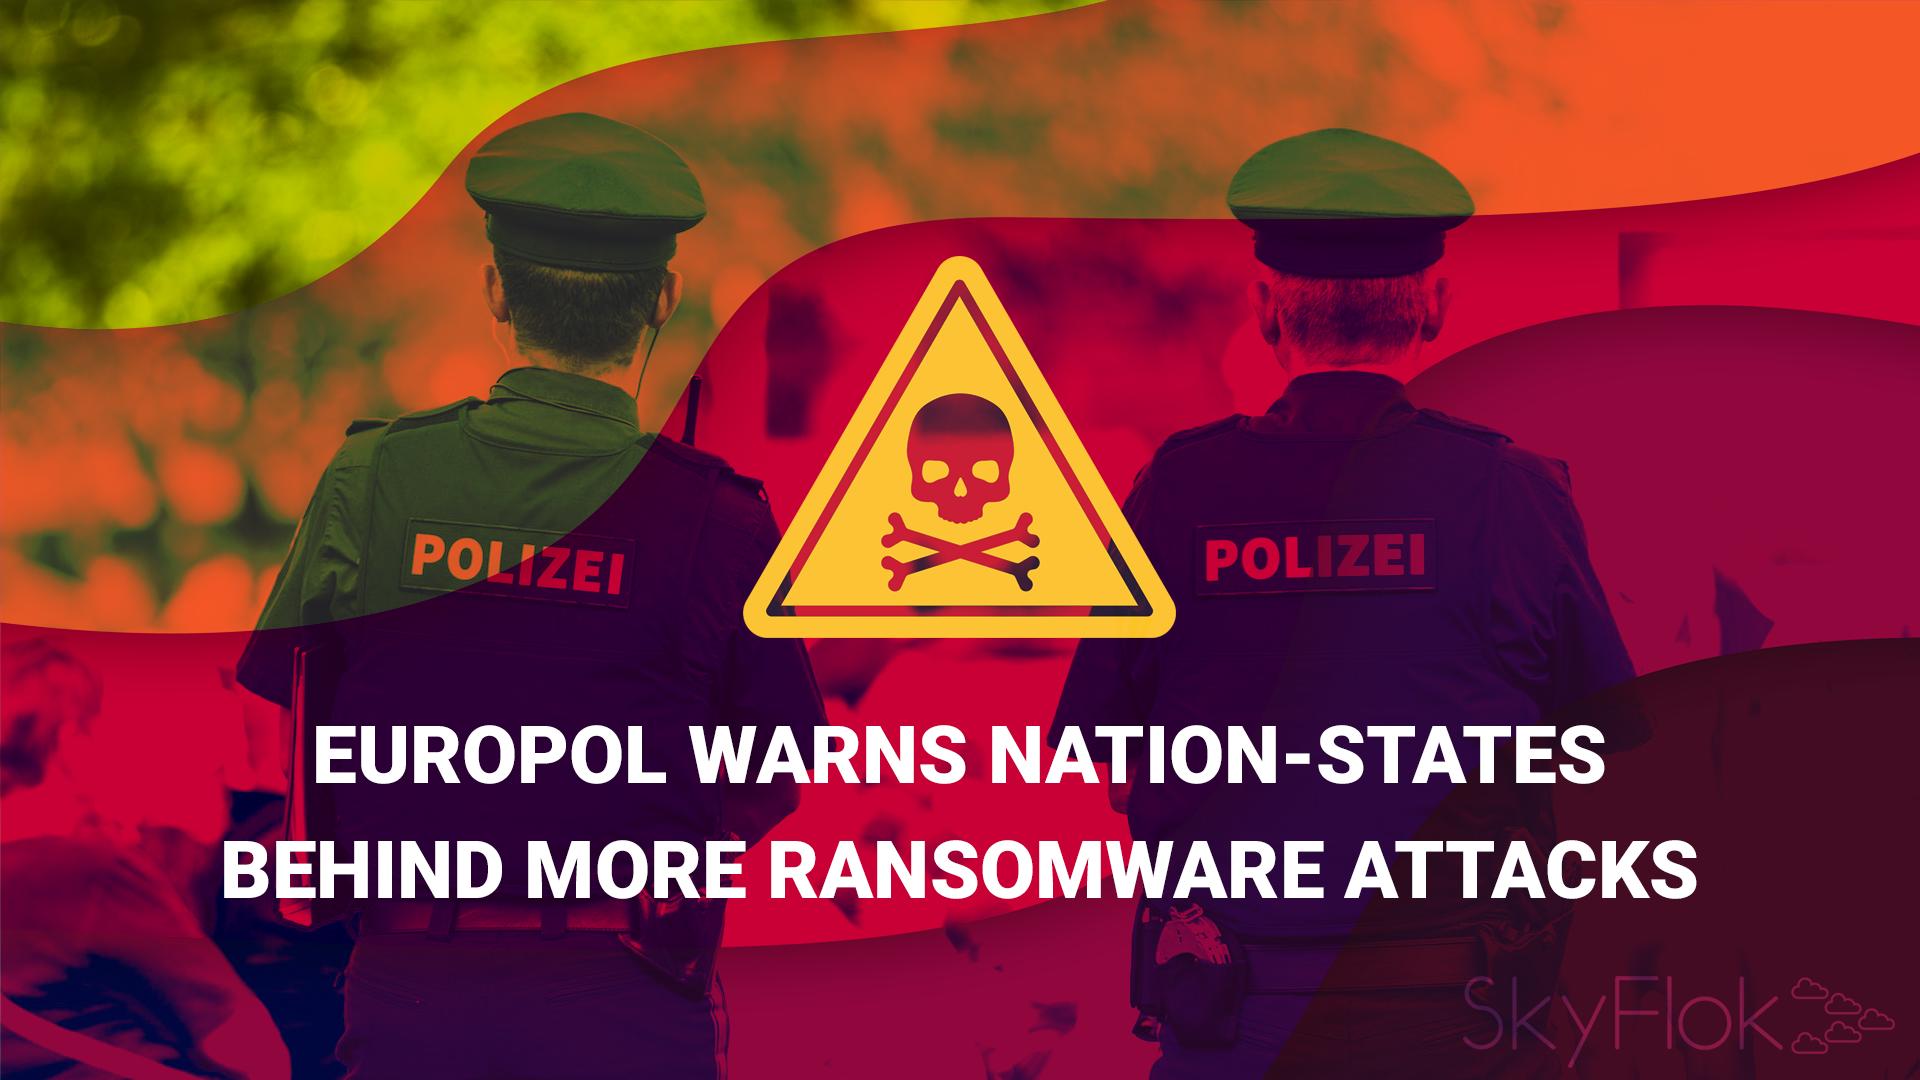 Europol Warns Nation-States Behind More Ransomware Attacks